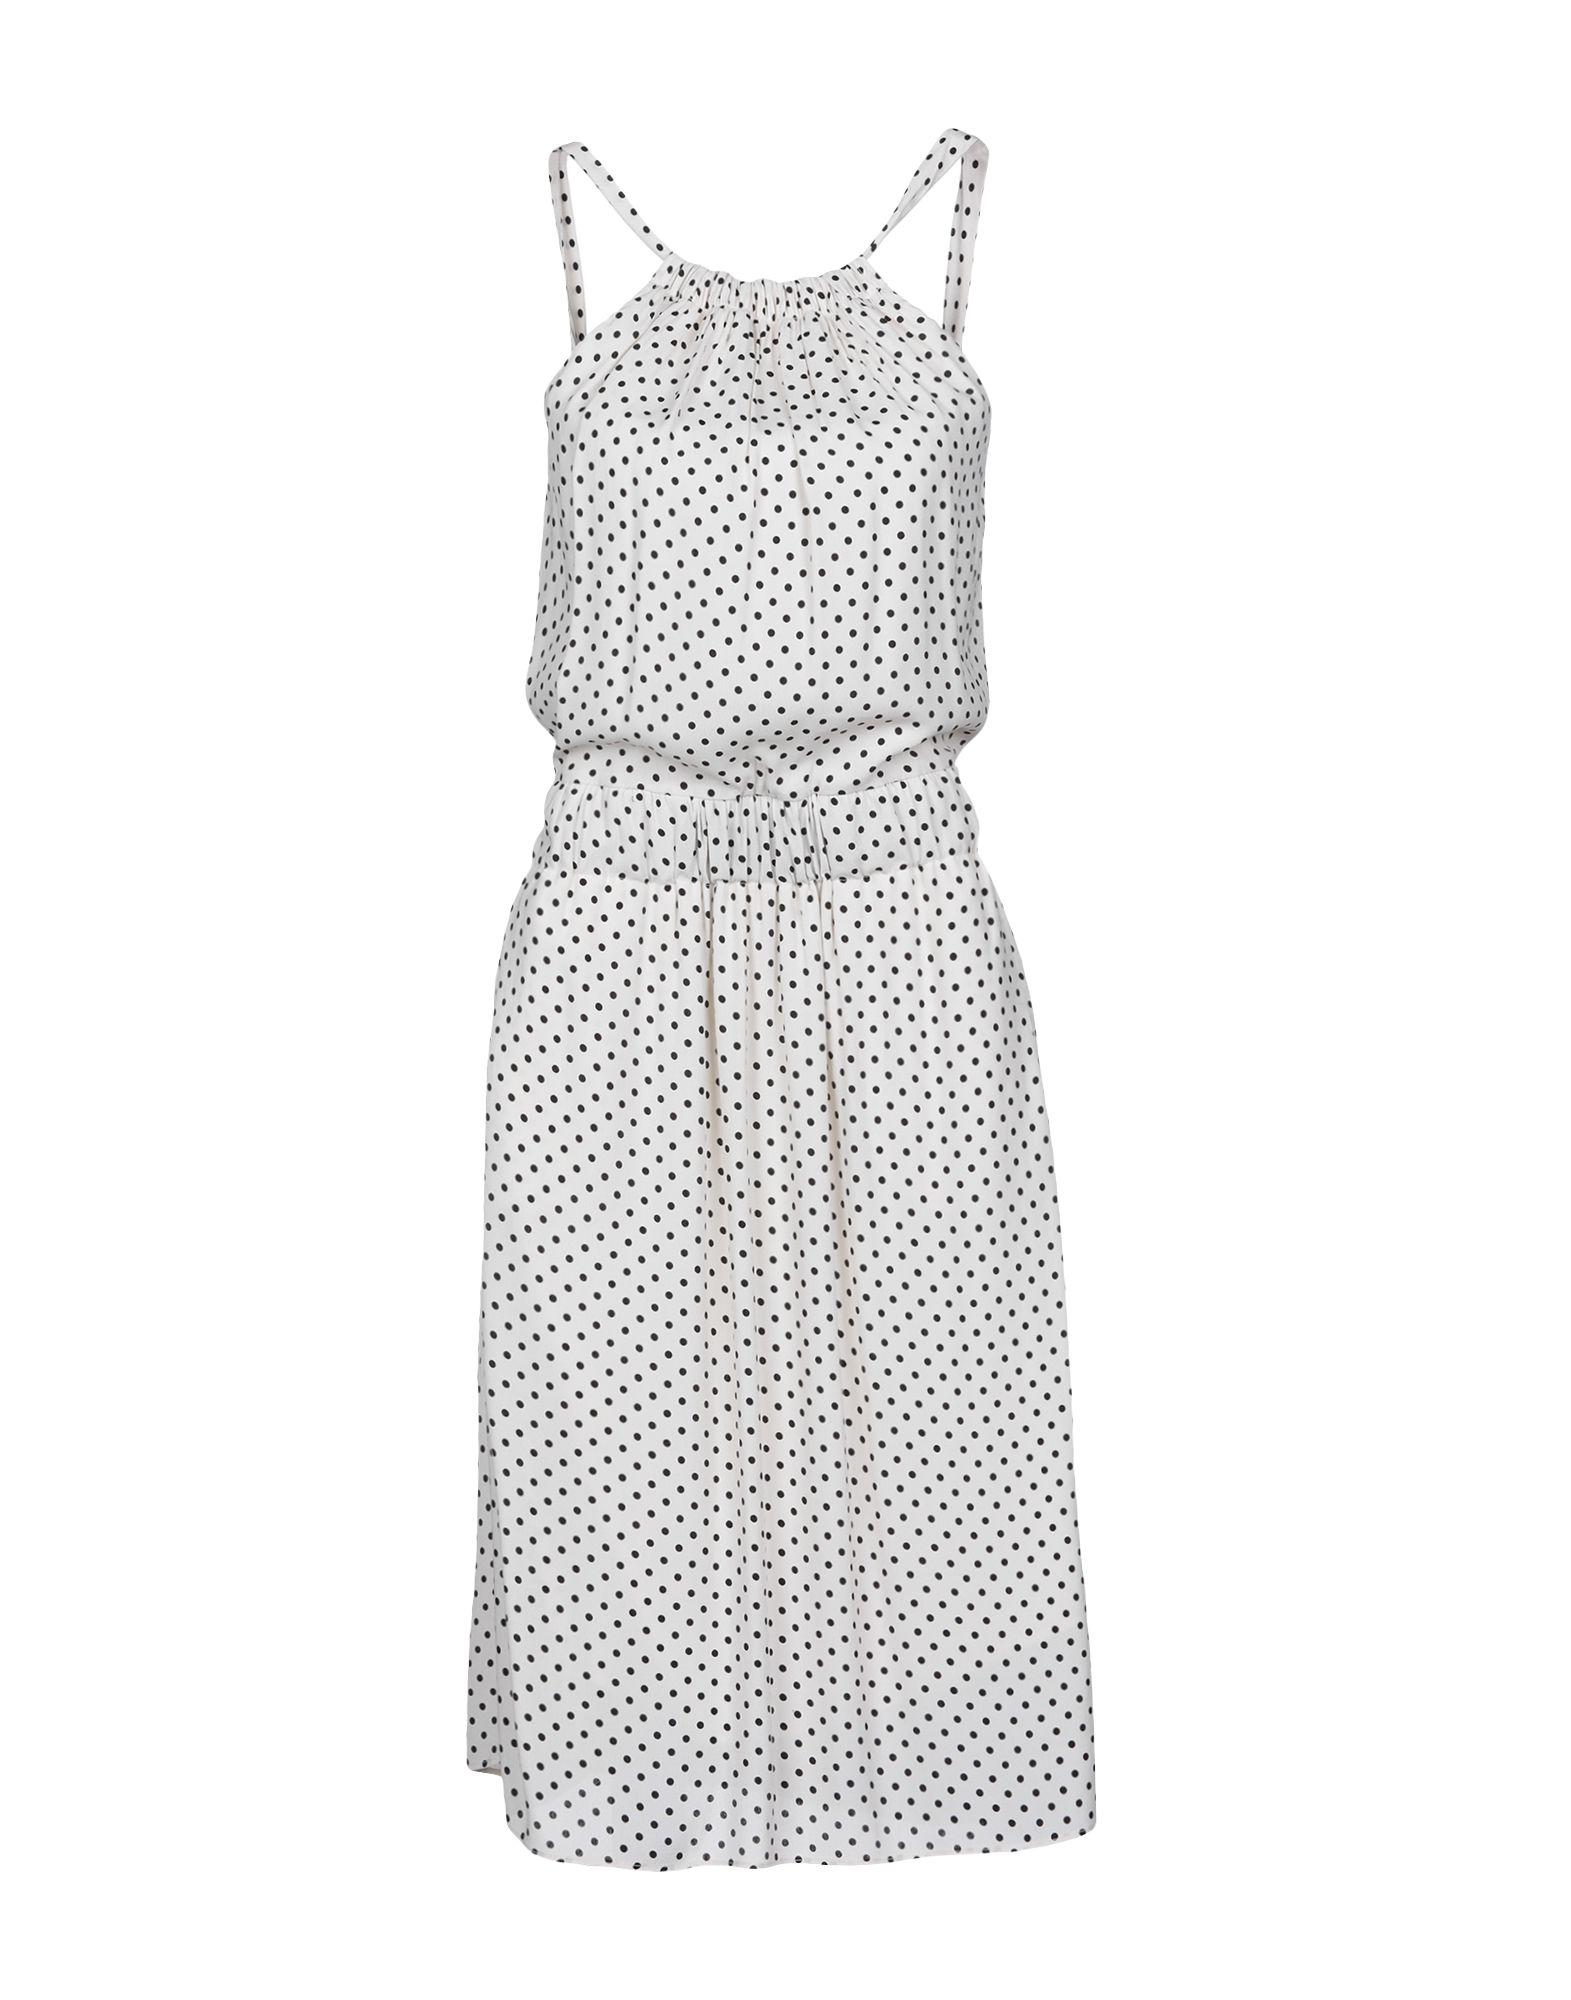 Фото - TWINSET Платье длиной 3/4 платье комбинезон в горошек 1 мес 3 года